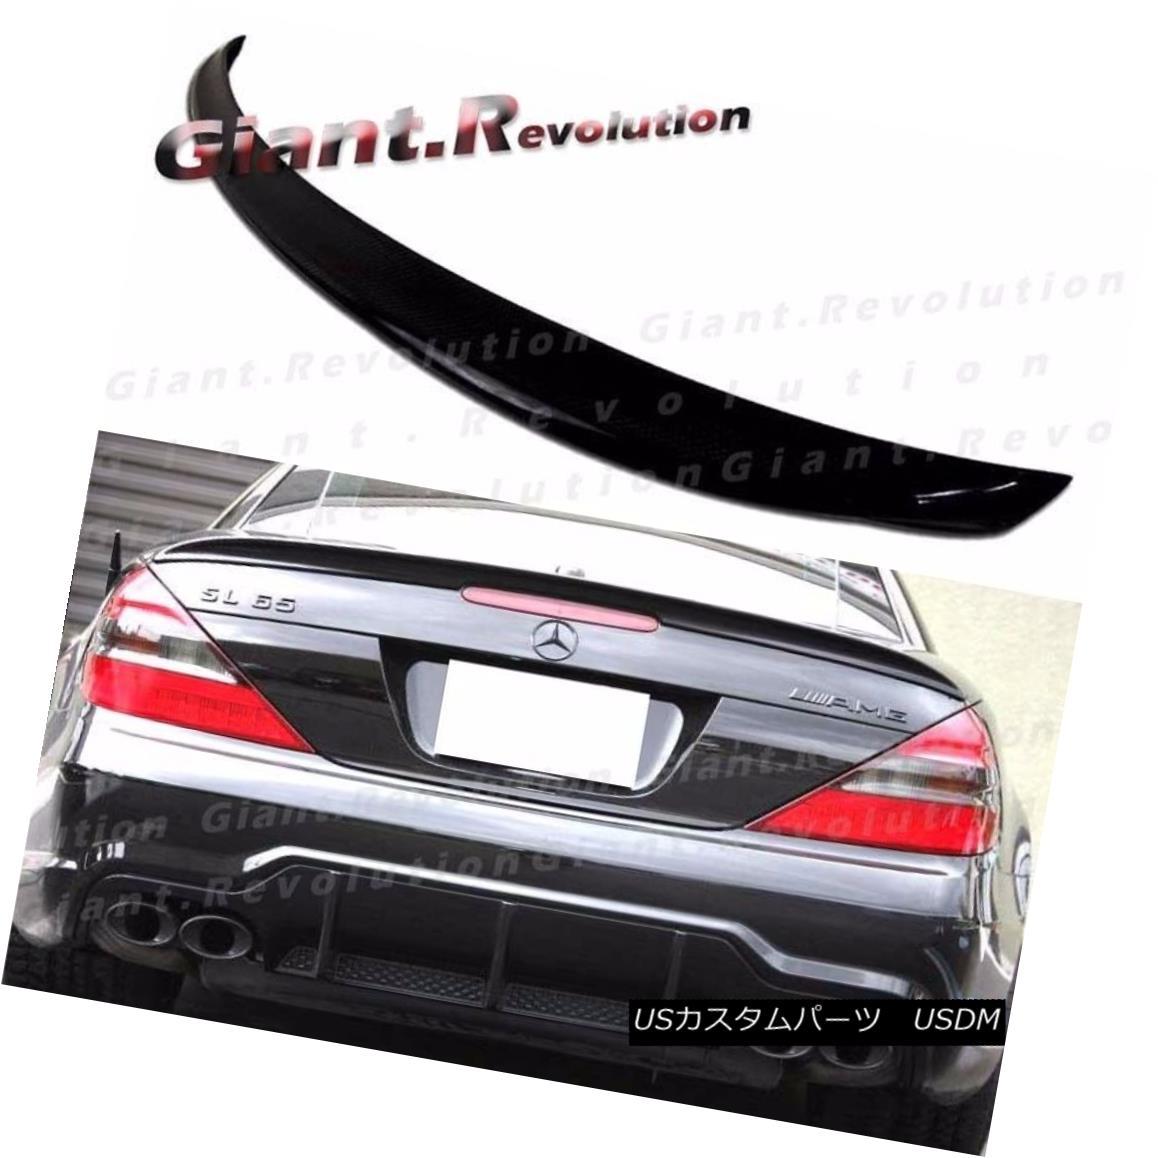 エアロパーツ #197 Obsidian Black 03-11 M BENZ R230 A Type Trunk Deck Spoiler SL500 SL600 SL55 #197 Obsidian Black 03-11 MベンツR230 AタイプトランクデッキスポイラーSL500 SL600 SL55